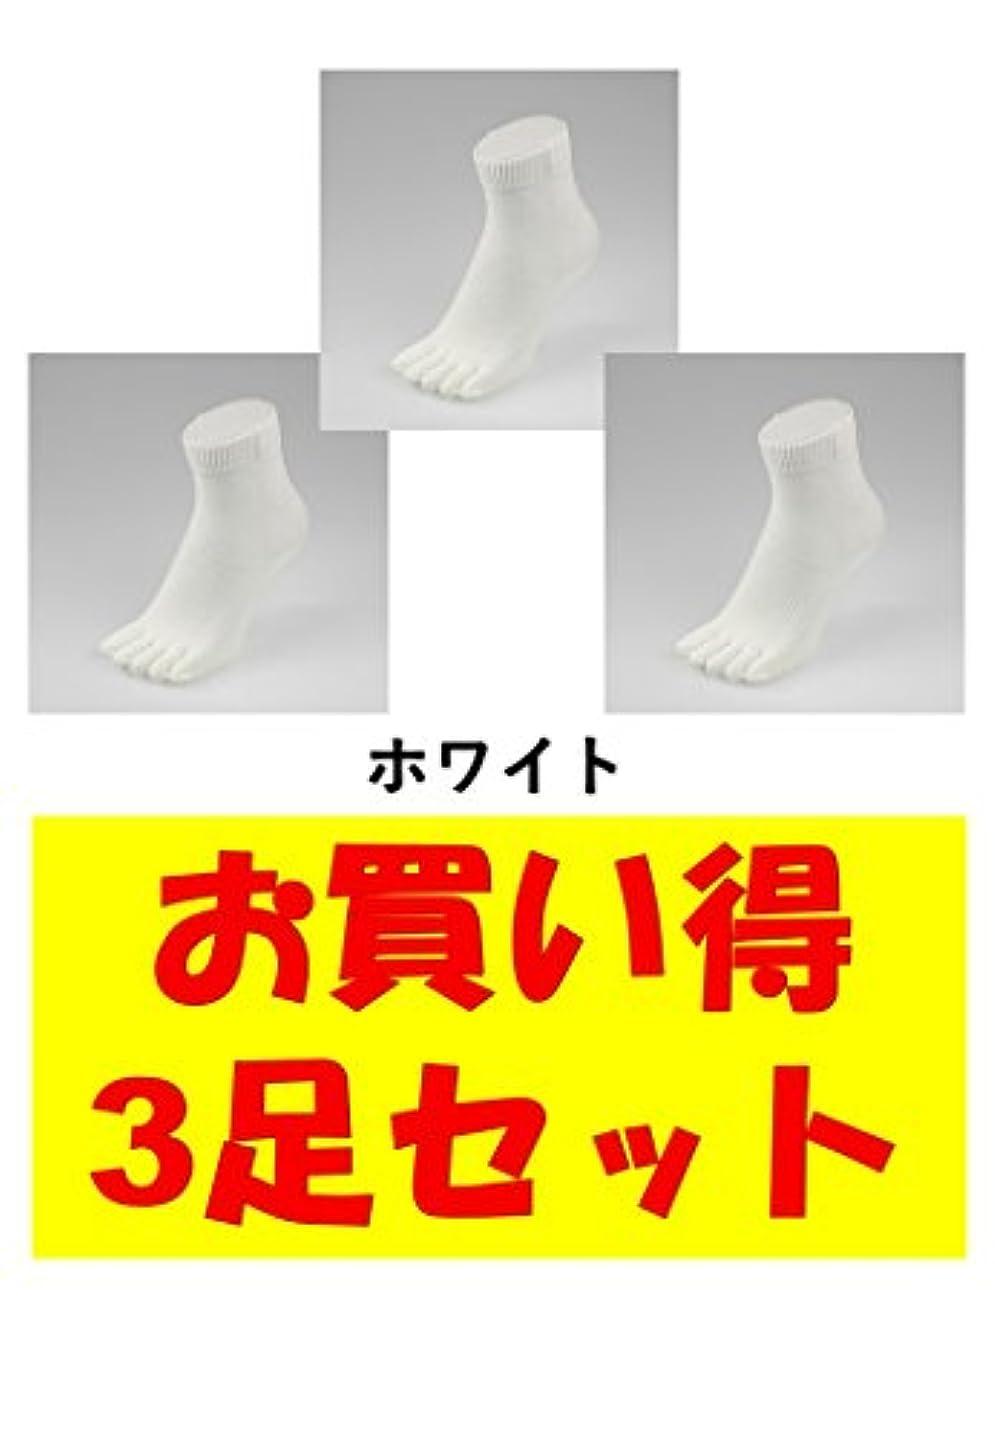 シーズン子供っぽい苛性お買い得3足セット 5本指 ゆびのばソックス Neo EVE(イヴ) ホワイト Sサイズ(21.0cm - 24.0cm) YSNEVE-WHT